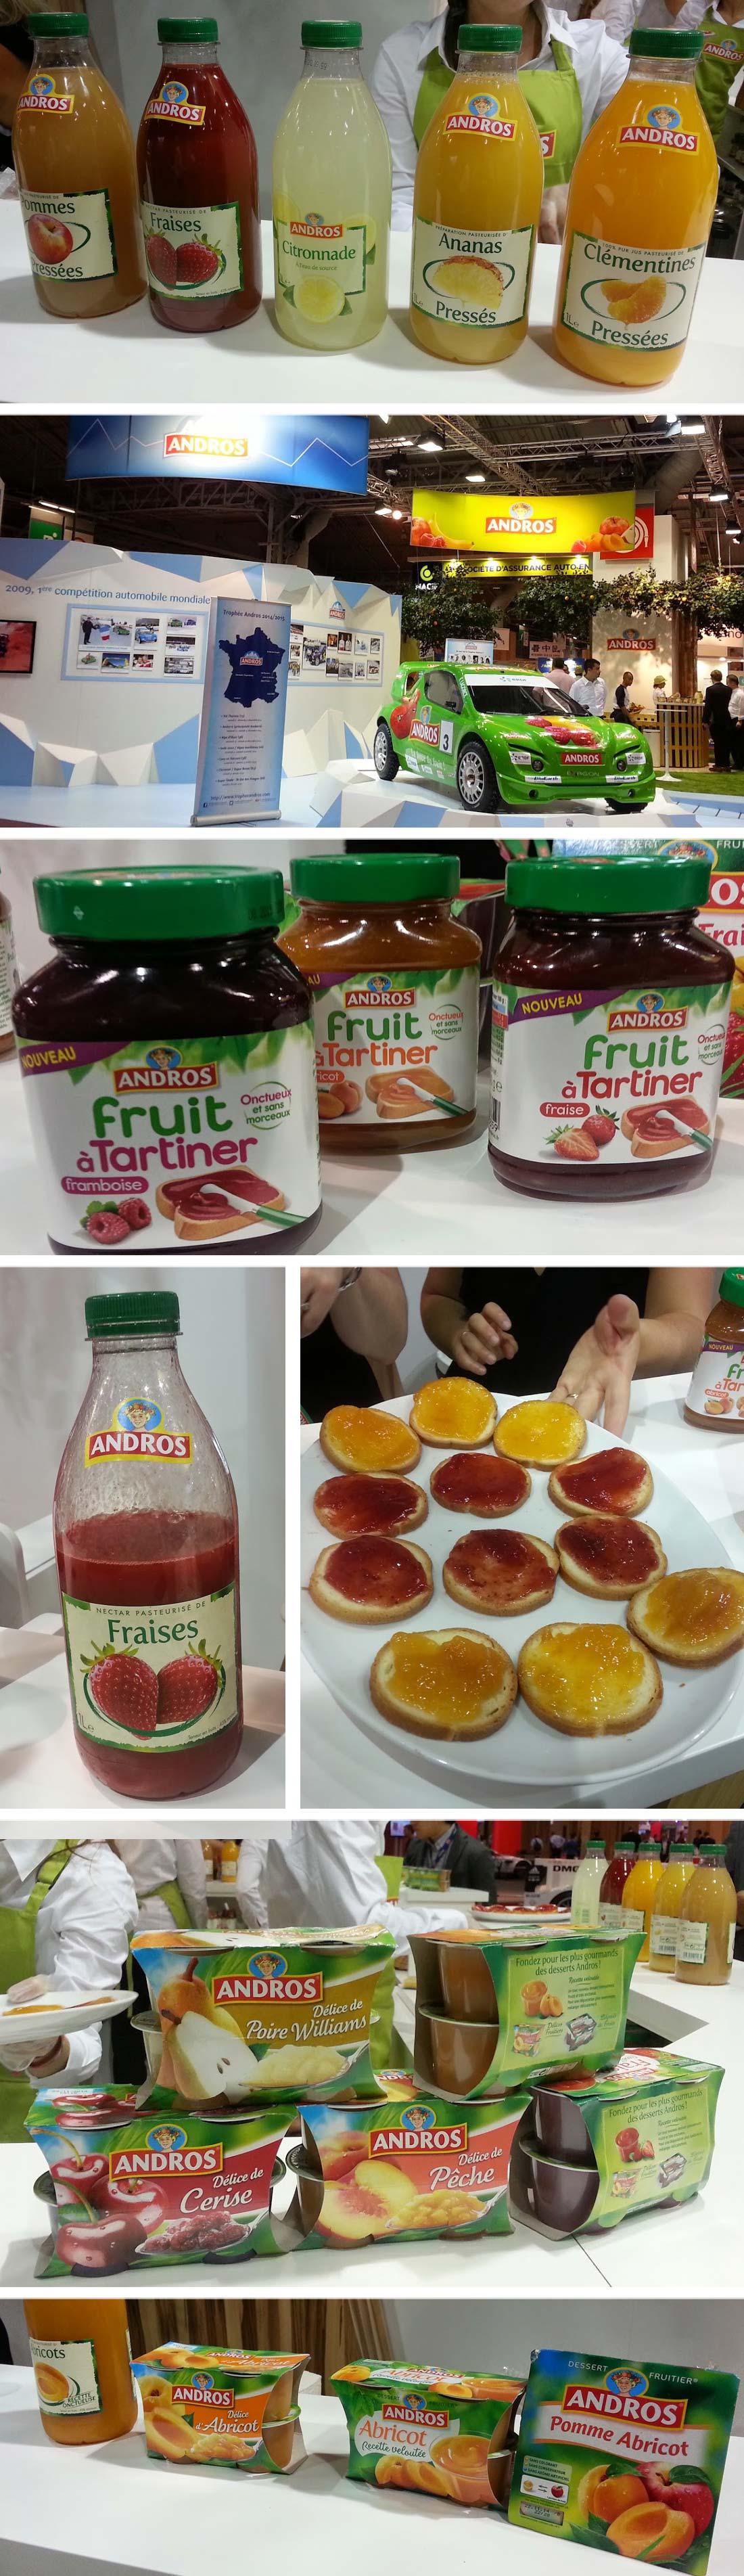 Découvrez la gamme de produits fruités Andros